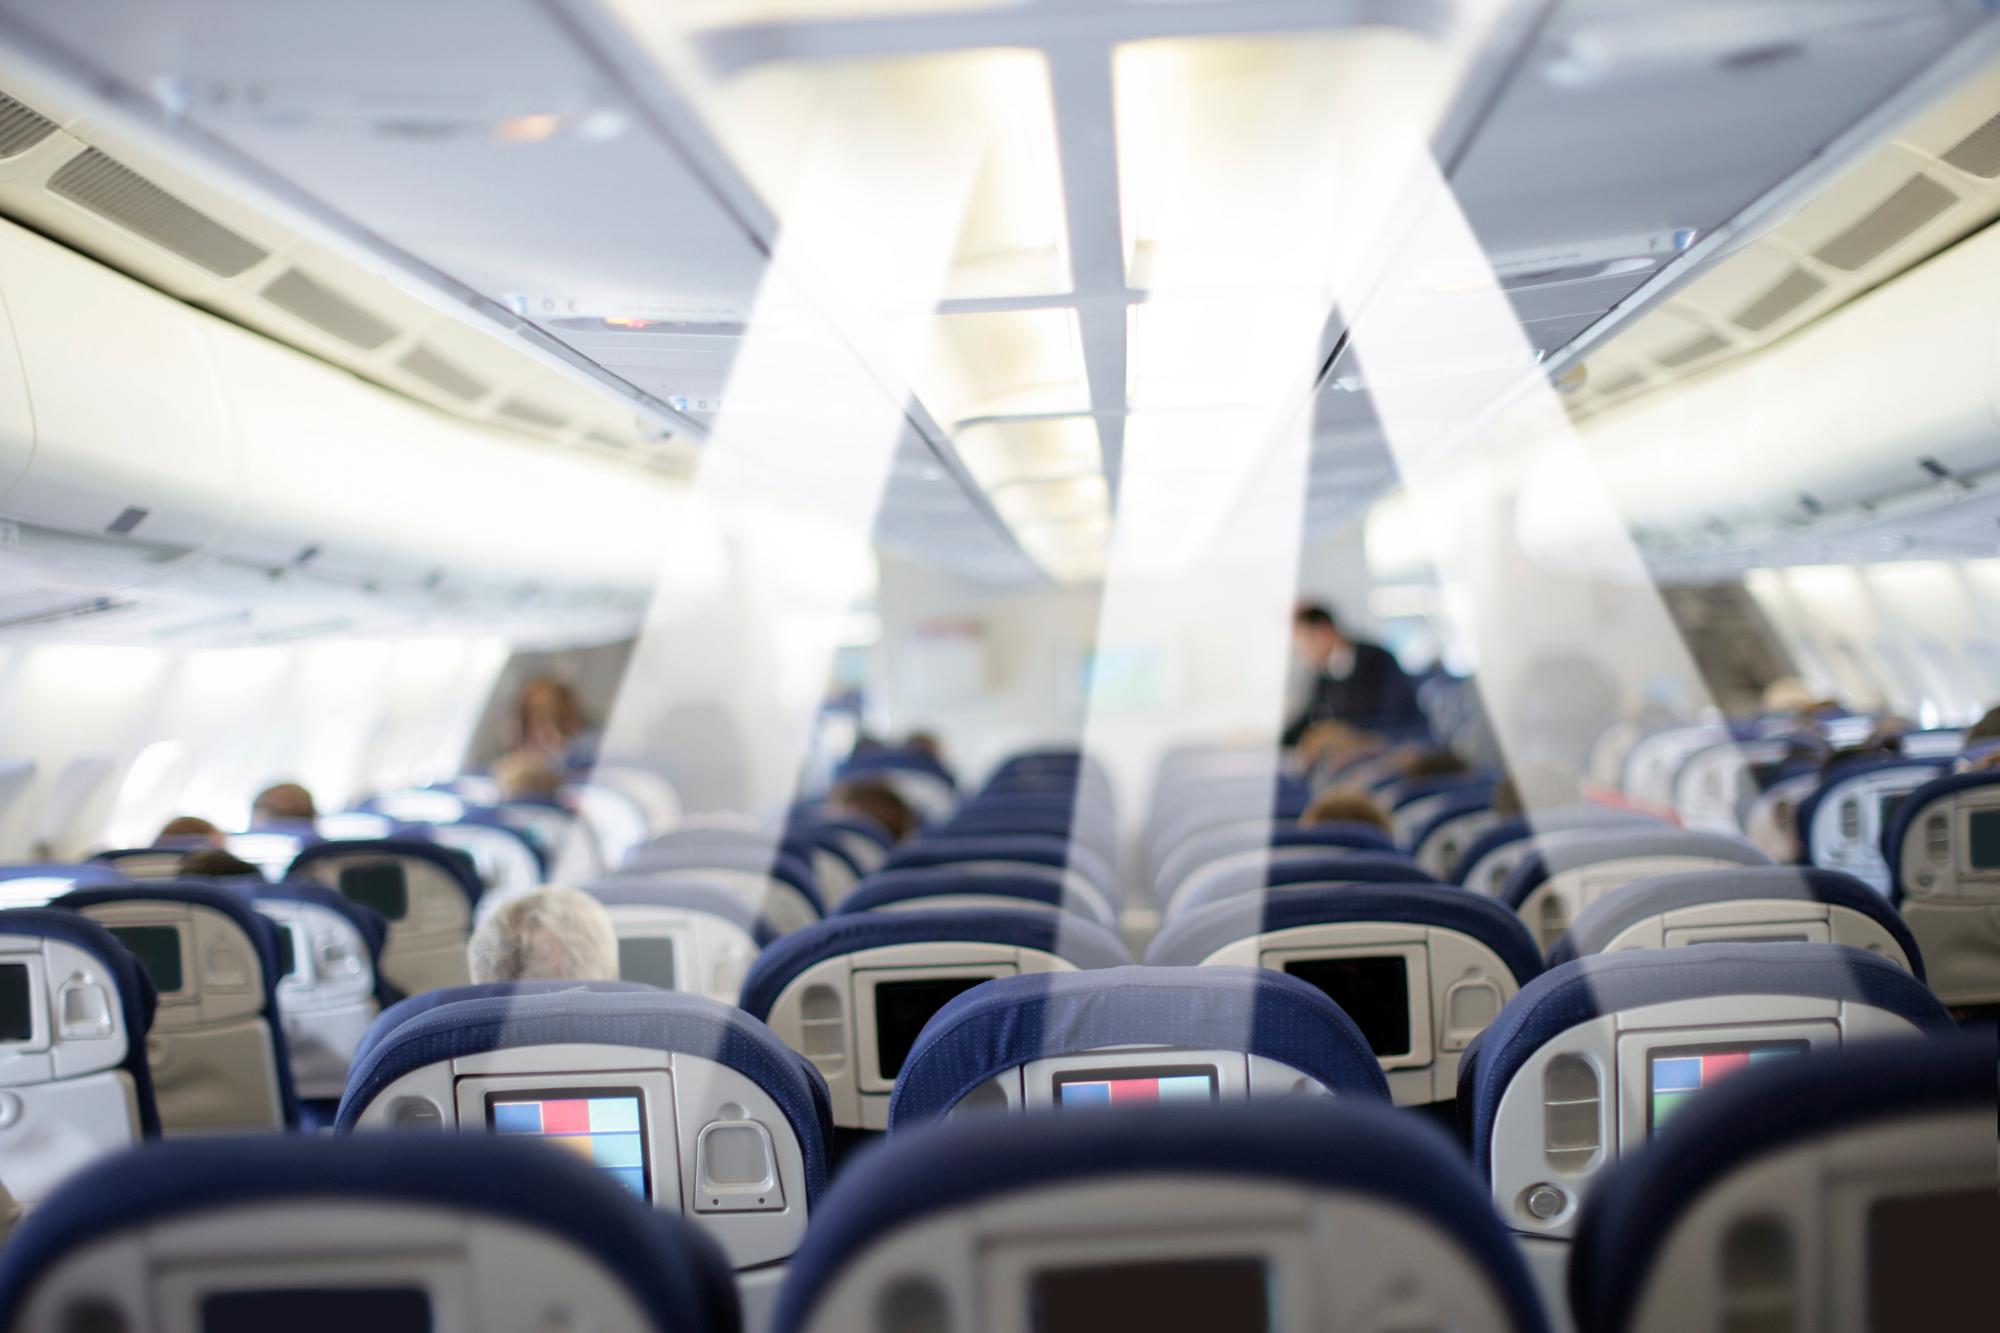 In Flugzeug oder Bahn übernimmt die Leseleuchte über dem Sitzplatz künftig auch den Datentransfer